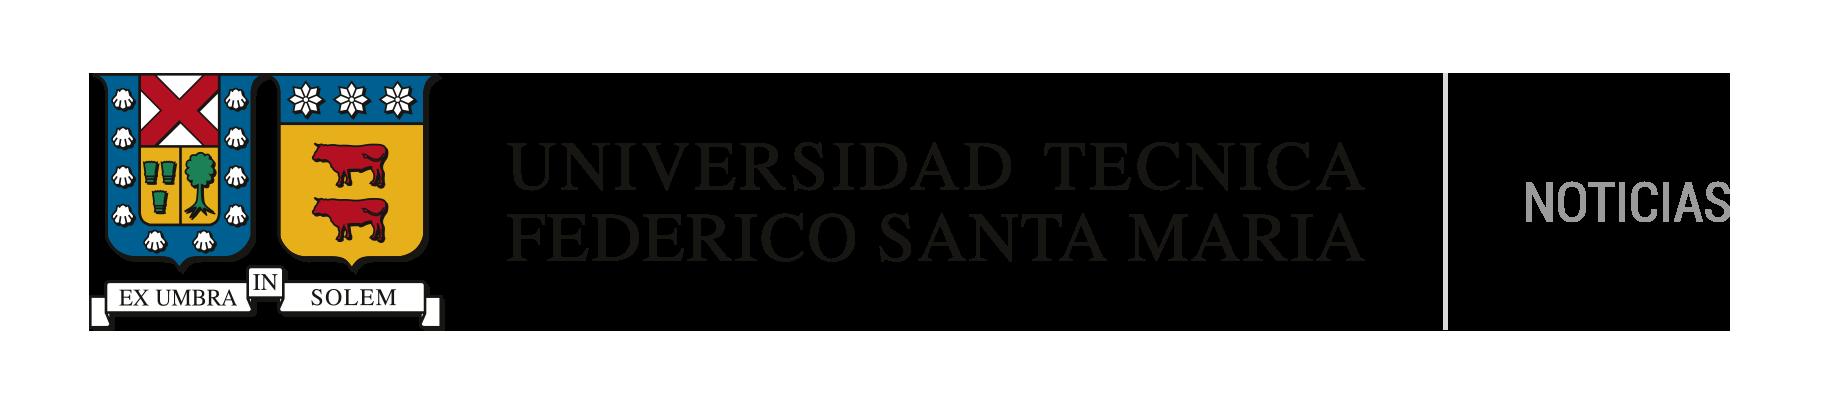 · Universidad Técnica Federico Santa María